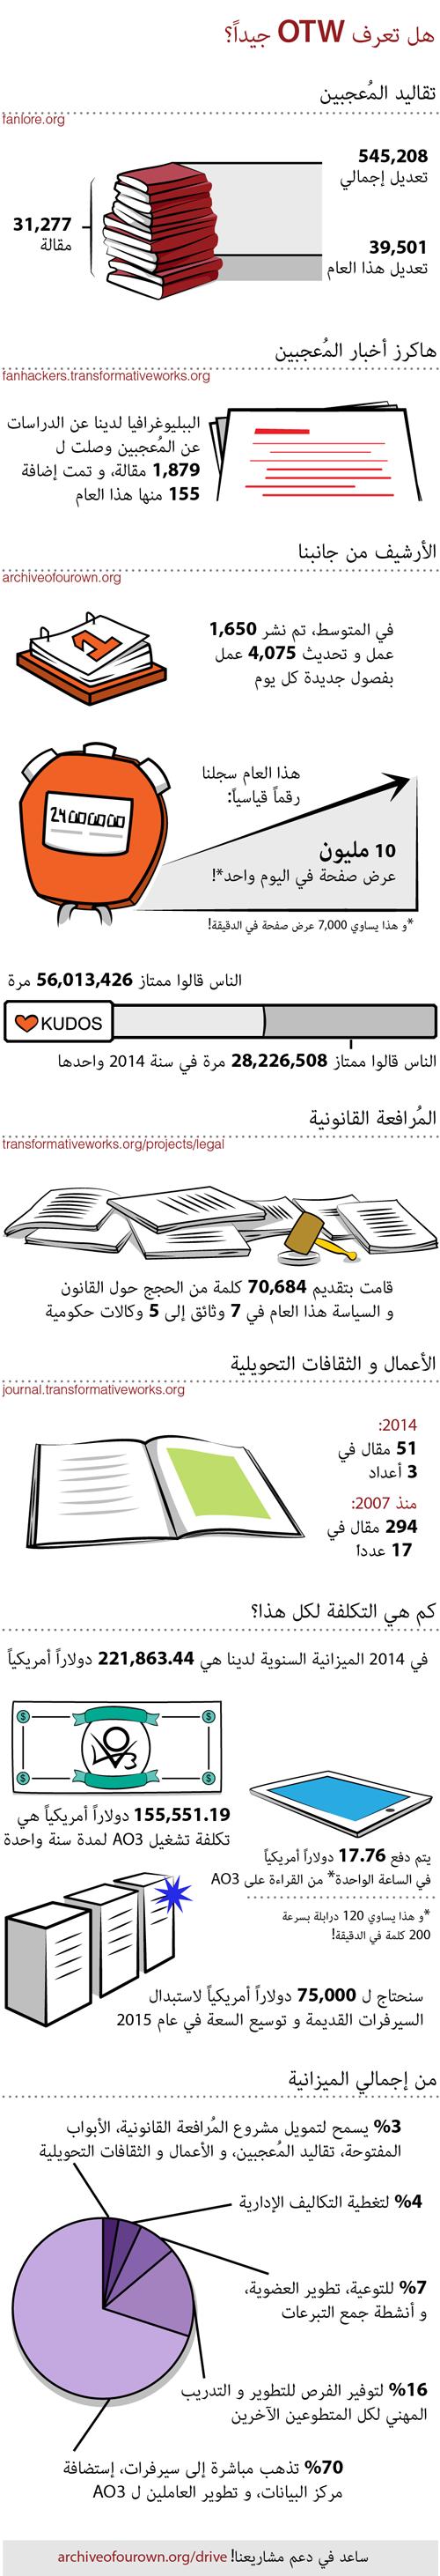 هل تعرف OTW جيداً؟. تقاليد المُعجبين: 31,277 مقالة. 545,208 تعديل إجمالي. 39,501 تعديل هذا العام. هاكرز أخبار المُعجبين: الببليوغرافيا لدينا عن الدراسات عن المُعجبين وصلت ل 1,879 مقالة، و تمت إضافة 155 منها هذا العام. الأرشيف من جانبنا: في المتوسط، تم نشر 1,650 عمل و تحديث 4,075 عمل بفصول جديدة كل يوم. هذا العام سجلنا رقماً قياسياً: 10 مليون عرض صفحة في اليوم واحد*!. *و هذا يساوي 7,000 عرض صفحة في الدقيقة!. الناس قالوا ممتاز 56,013,426 مرة. الناس قالوا ممتاز 28,226,508 مرة في سنة 2014 واحدها. المُرافعة القانونية: قامت بتقديم 70,684 كلمة من الحجج حول القانون و السياسة هذا العام. في 7 وثائق إلى 5 وكالات حكومية. الأعمال و الثقافات التحويلية. 2014: 51 مقال في 3 أعداد. منذ 2007: 294 مقال في 17 عدداً. كم هي التكلفة لكل هذا؟. في 2014 الميزانية السنوية لدينا هي 221,863.44 دولاراً أمريكياً. 155,551.19 دولاراً أمريكياً هي تكلفة تشغيل AO3 لمدة سنة واحدة. يتم دفع 17.76 دولاراً أمريكياً في الساعة الواحدة* من القراءة على AO3. *و هذا يساوي 120 درابلة بسرعة 200 كلمة في الدقيقة!. سنحتاج ل 75,000 دولاراً أمريكياً لاستبدال السيرفرات القديمة و توسيع السعة في عام 2015. من إجمالي الميزانية: 3% يسمح لتمويل مشروع المُرافعة القانونية، الأبواب المفتوحة، تقاليد المُعجبين، و الأعمال و الثقافات التحويلية. 4% لتغطية التكاليف الإدارية.7% للتوعية، تطوير العضوية، و أنشطة جمع التبرعات. 16% لتوفير الفرص للتطوير و التدريب المهني لكل المتطوعين الآخرين.70% تذهب مباشرة إلى سيرفرات، إستضافة مركز البيانات، و تطوير العاملين ل AO3. ساعد في دعم مشاريعنا! archiveofourown.org/drive